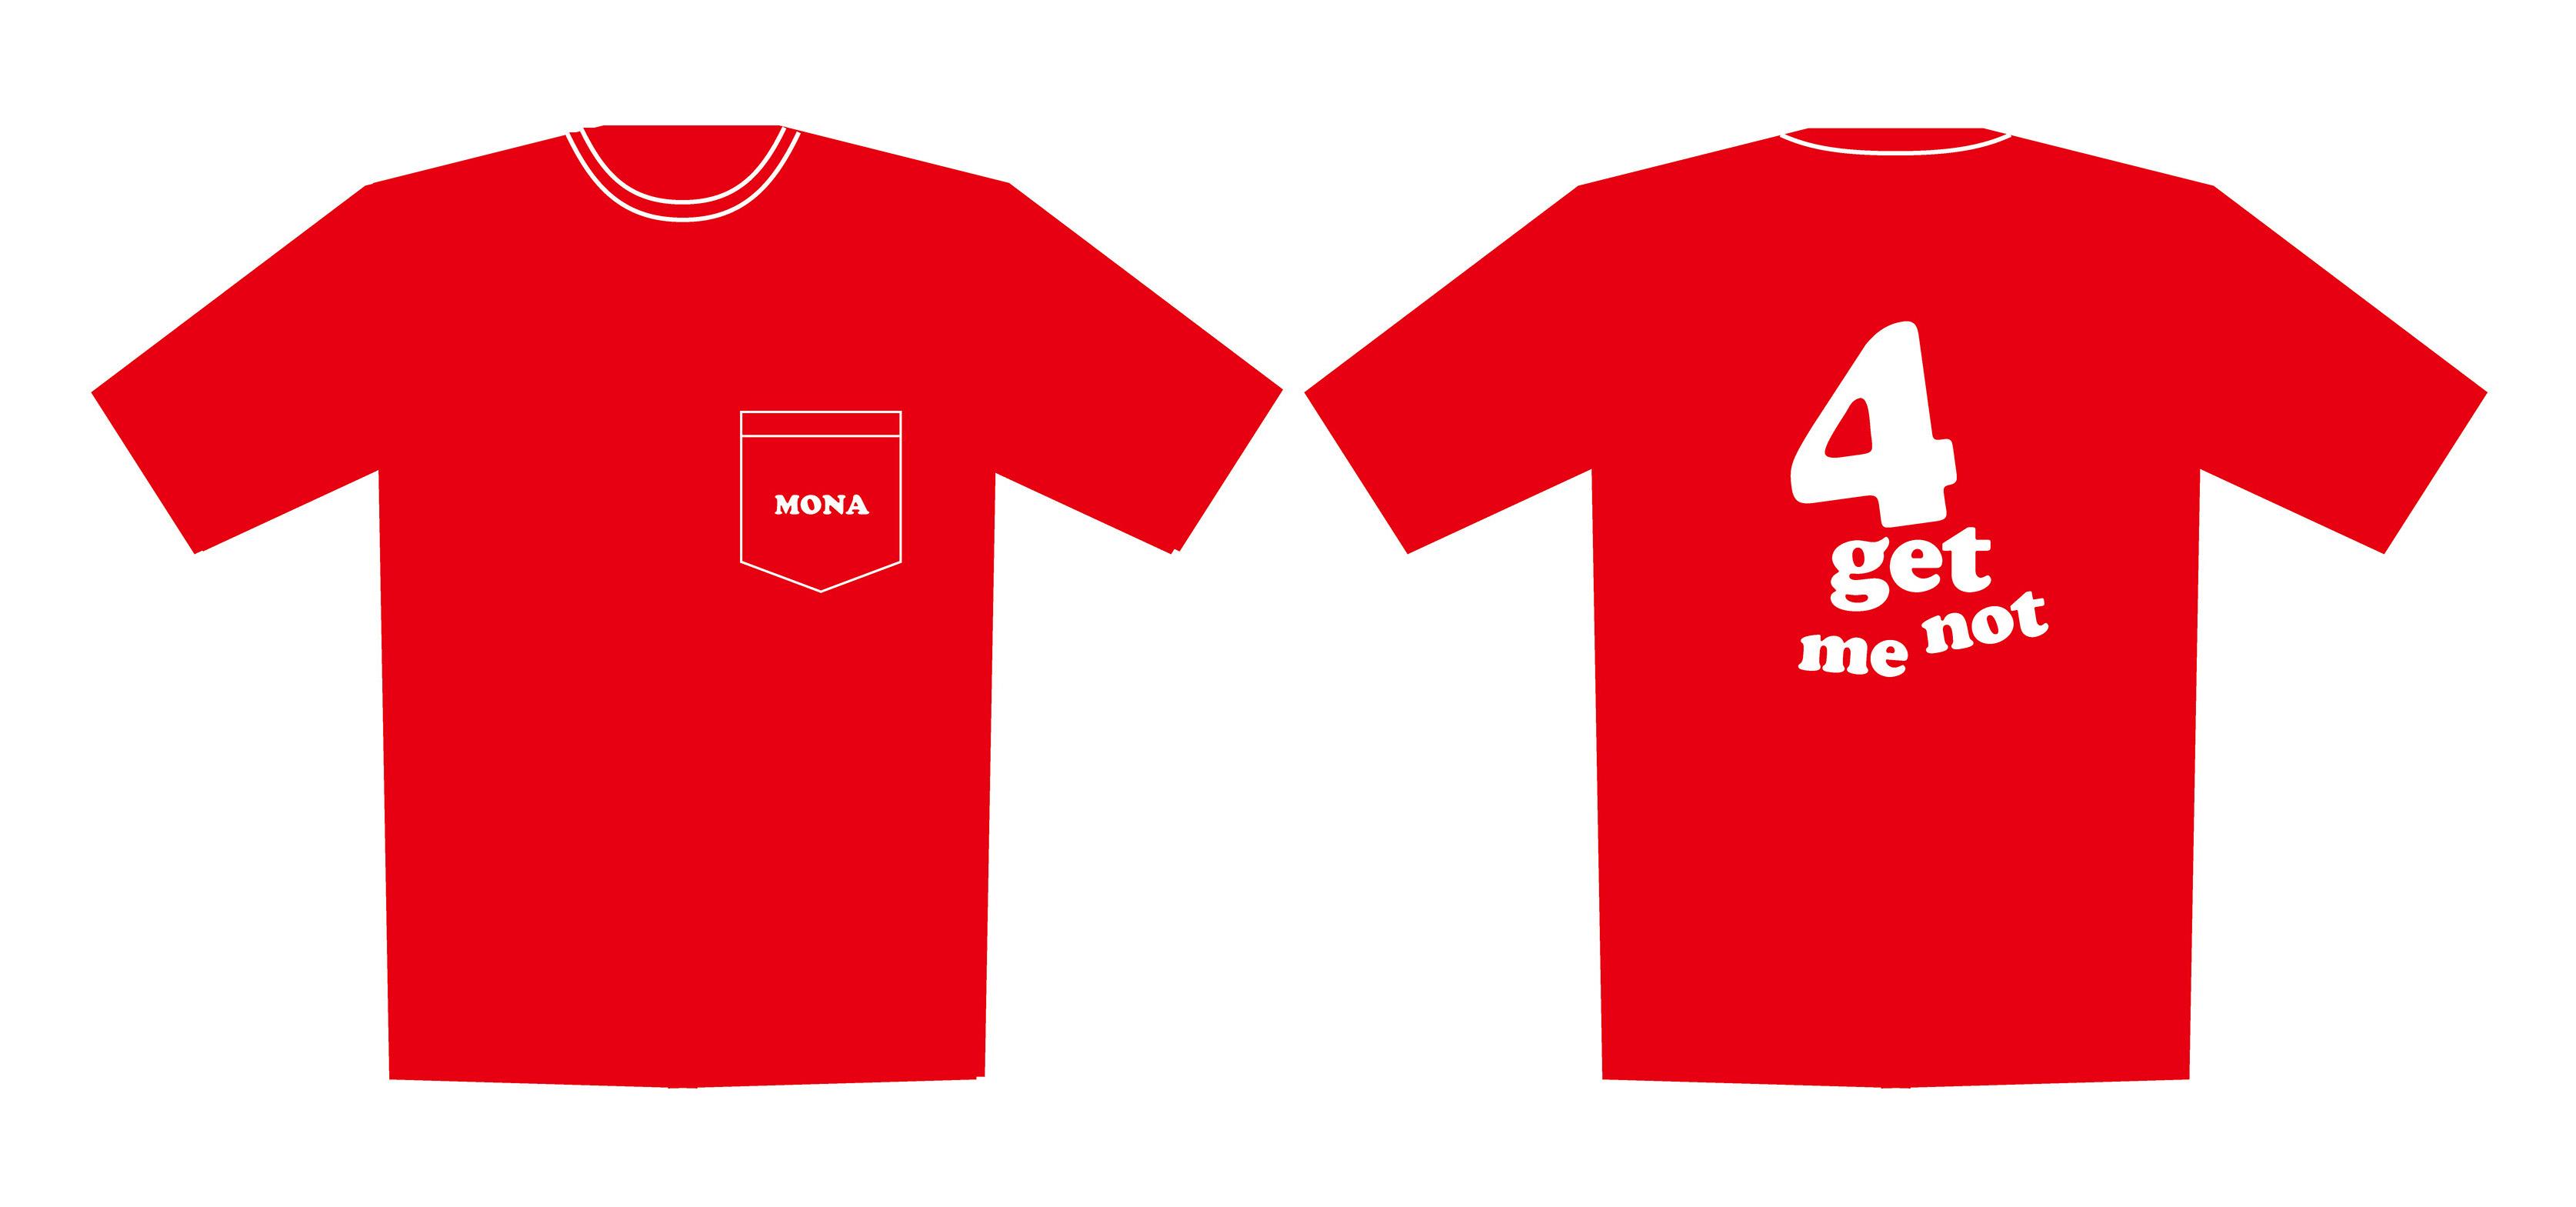 モナパ限定色 4周年ポケットTシャツ 赤・サイズS